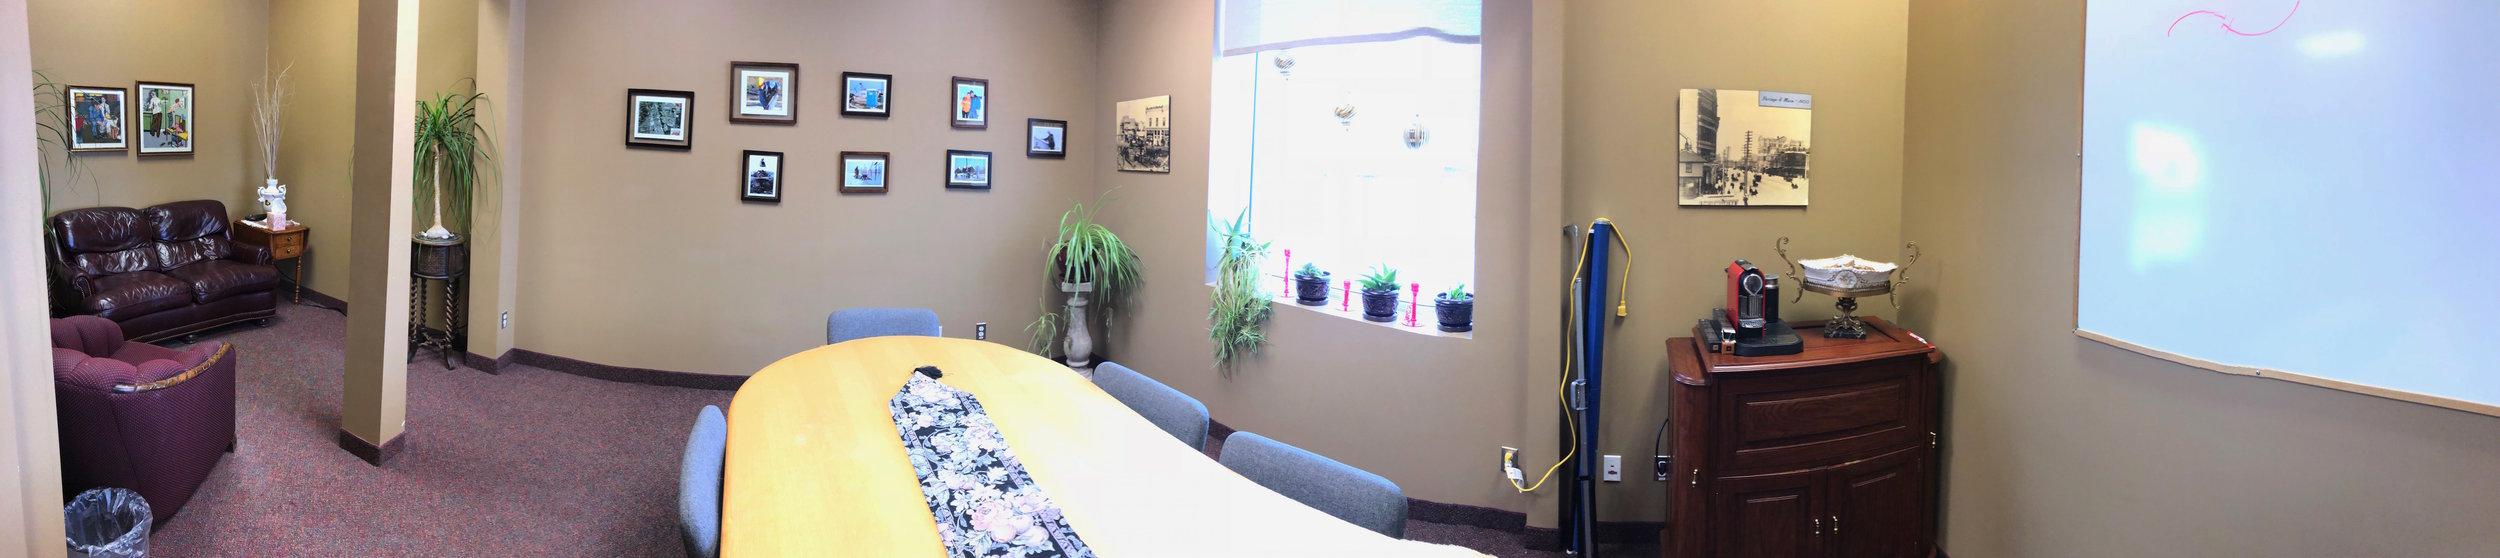 Free Boardroom panorama.jpeg